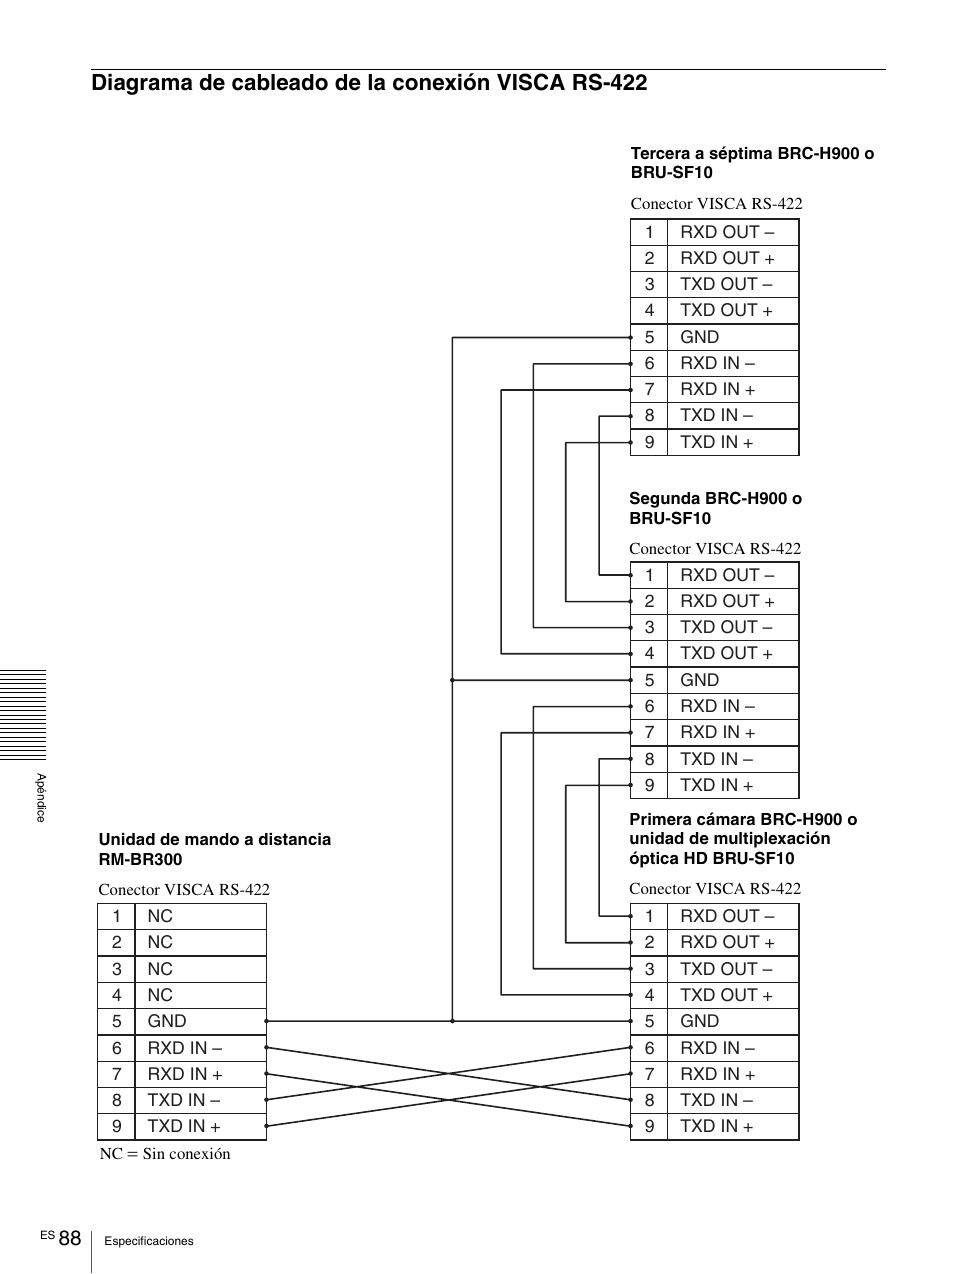 Diagrama de cableado de la conexión visca rs-422, Diagrama